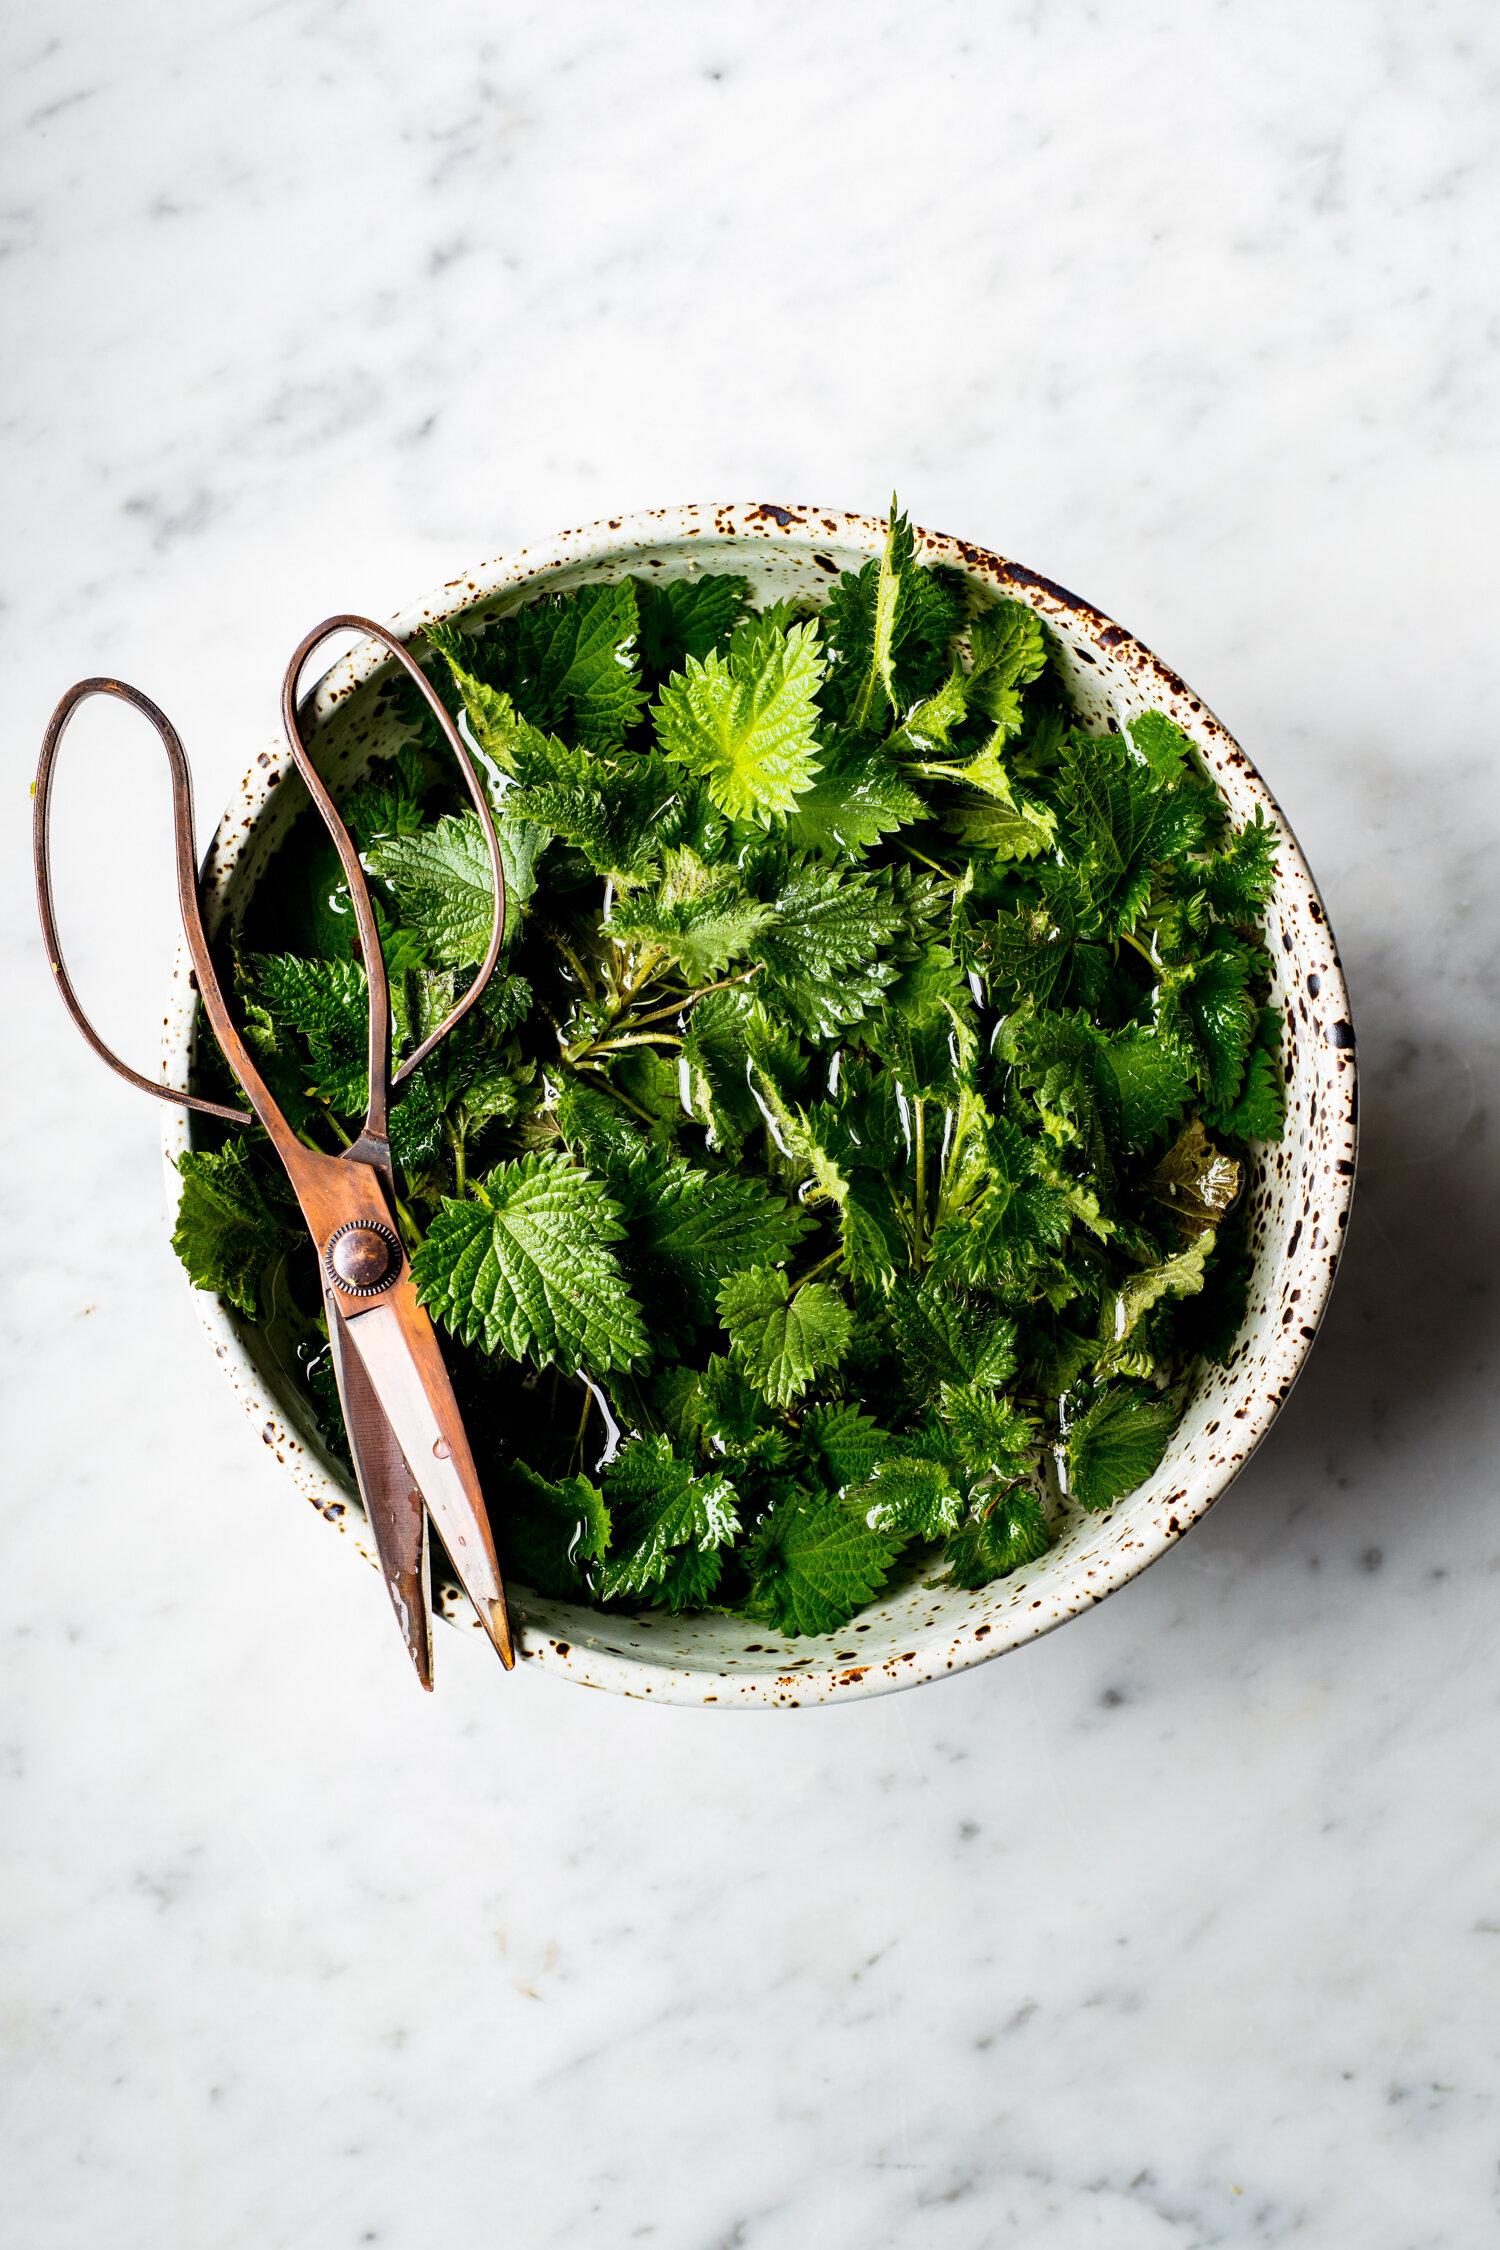 erin-scott-san-francisco-california-natural-light-editorial-food-photographer-edible-communities-garden-nettles-9404.jpg